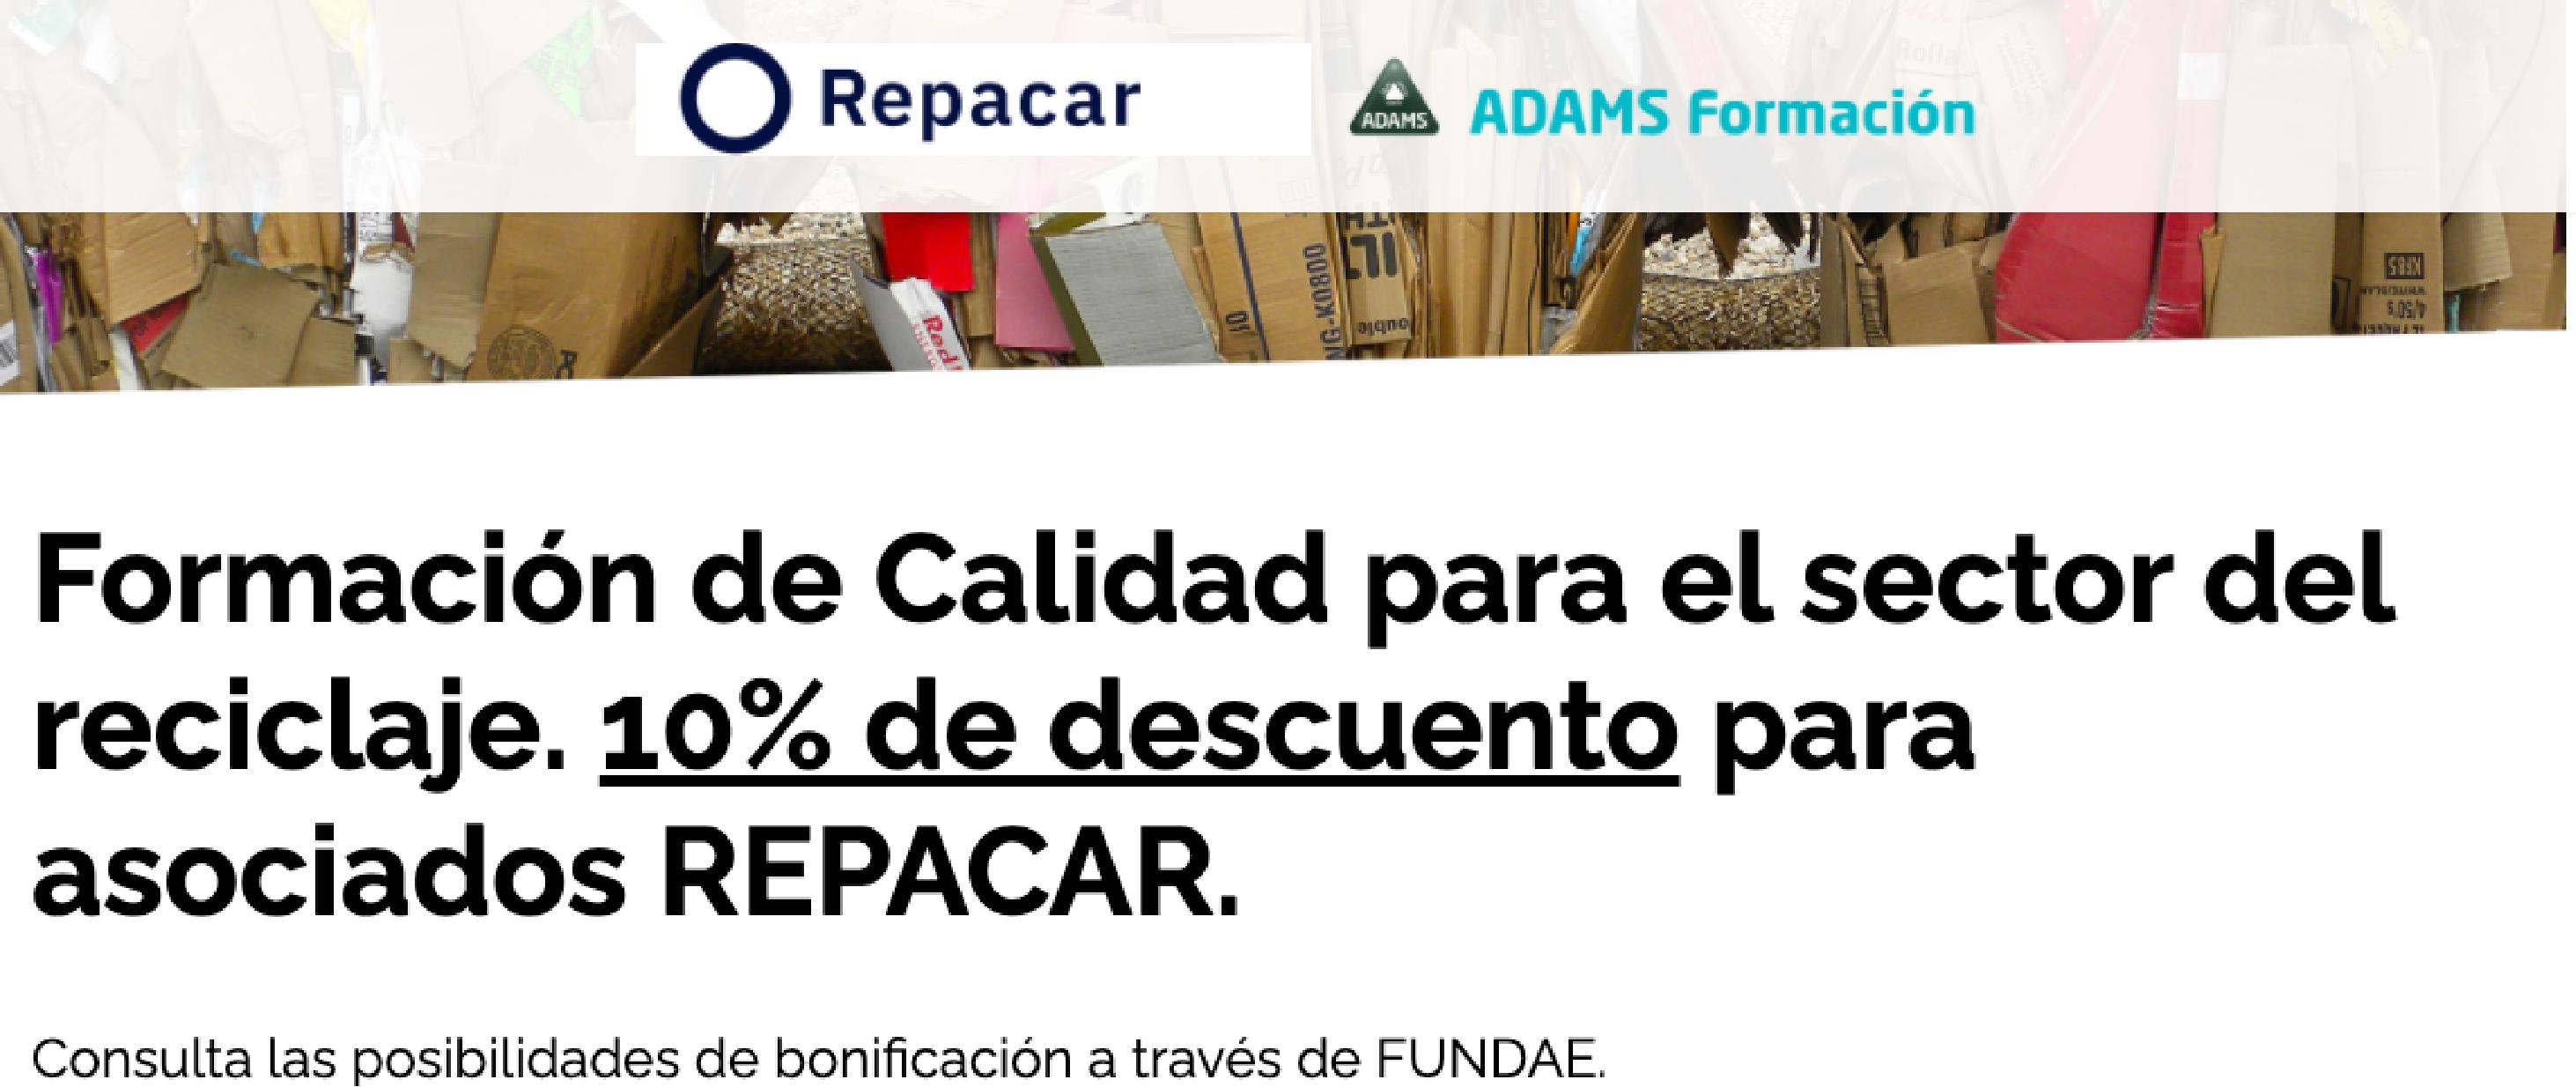 FORMACION ADAMS REPACAR-01